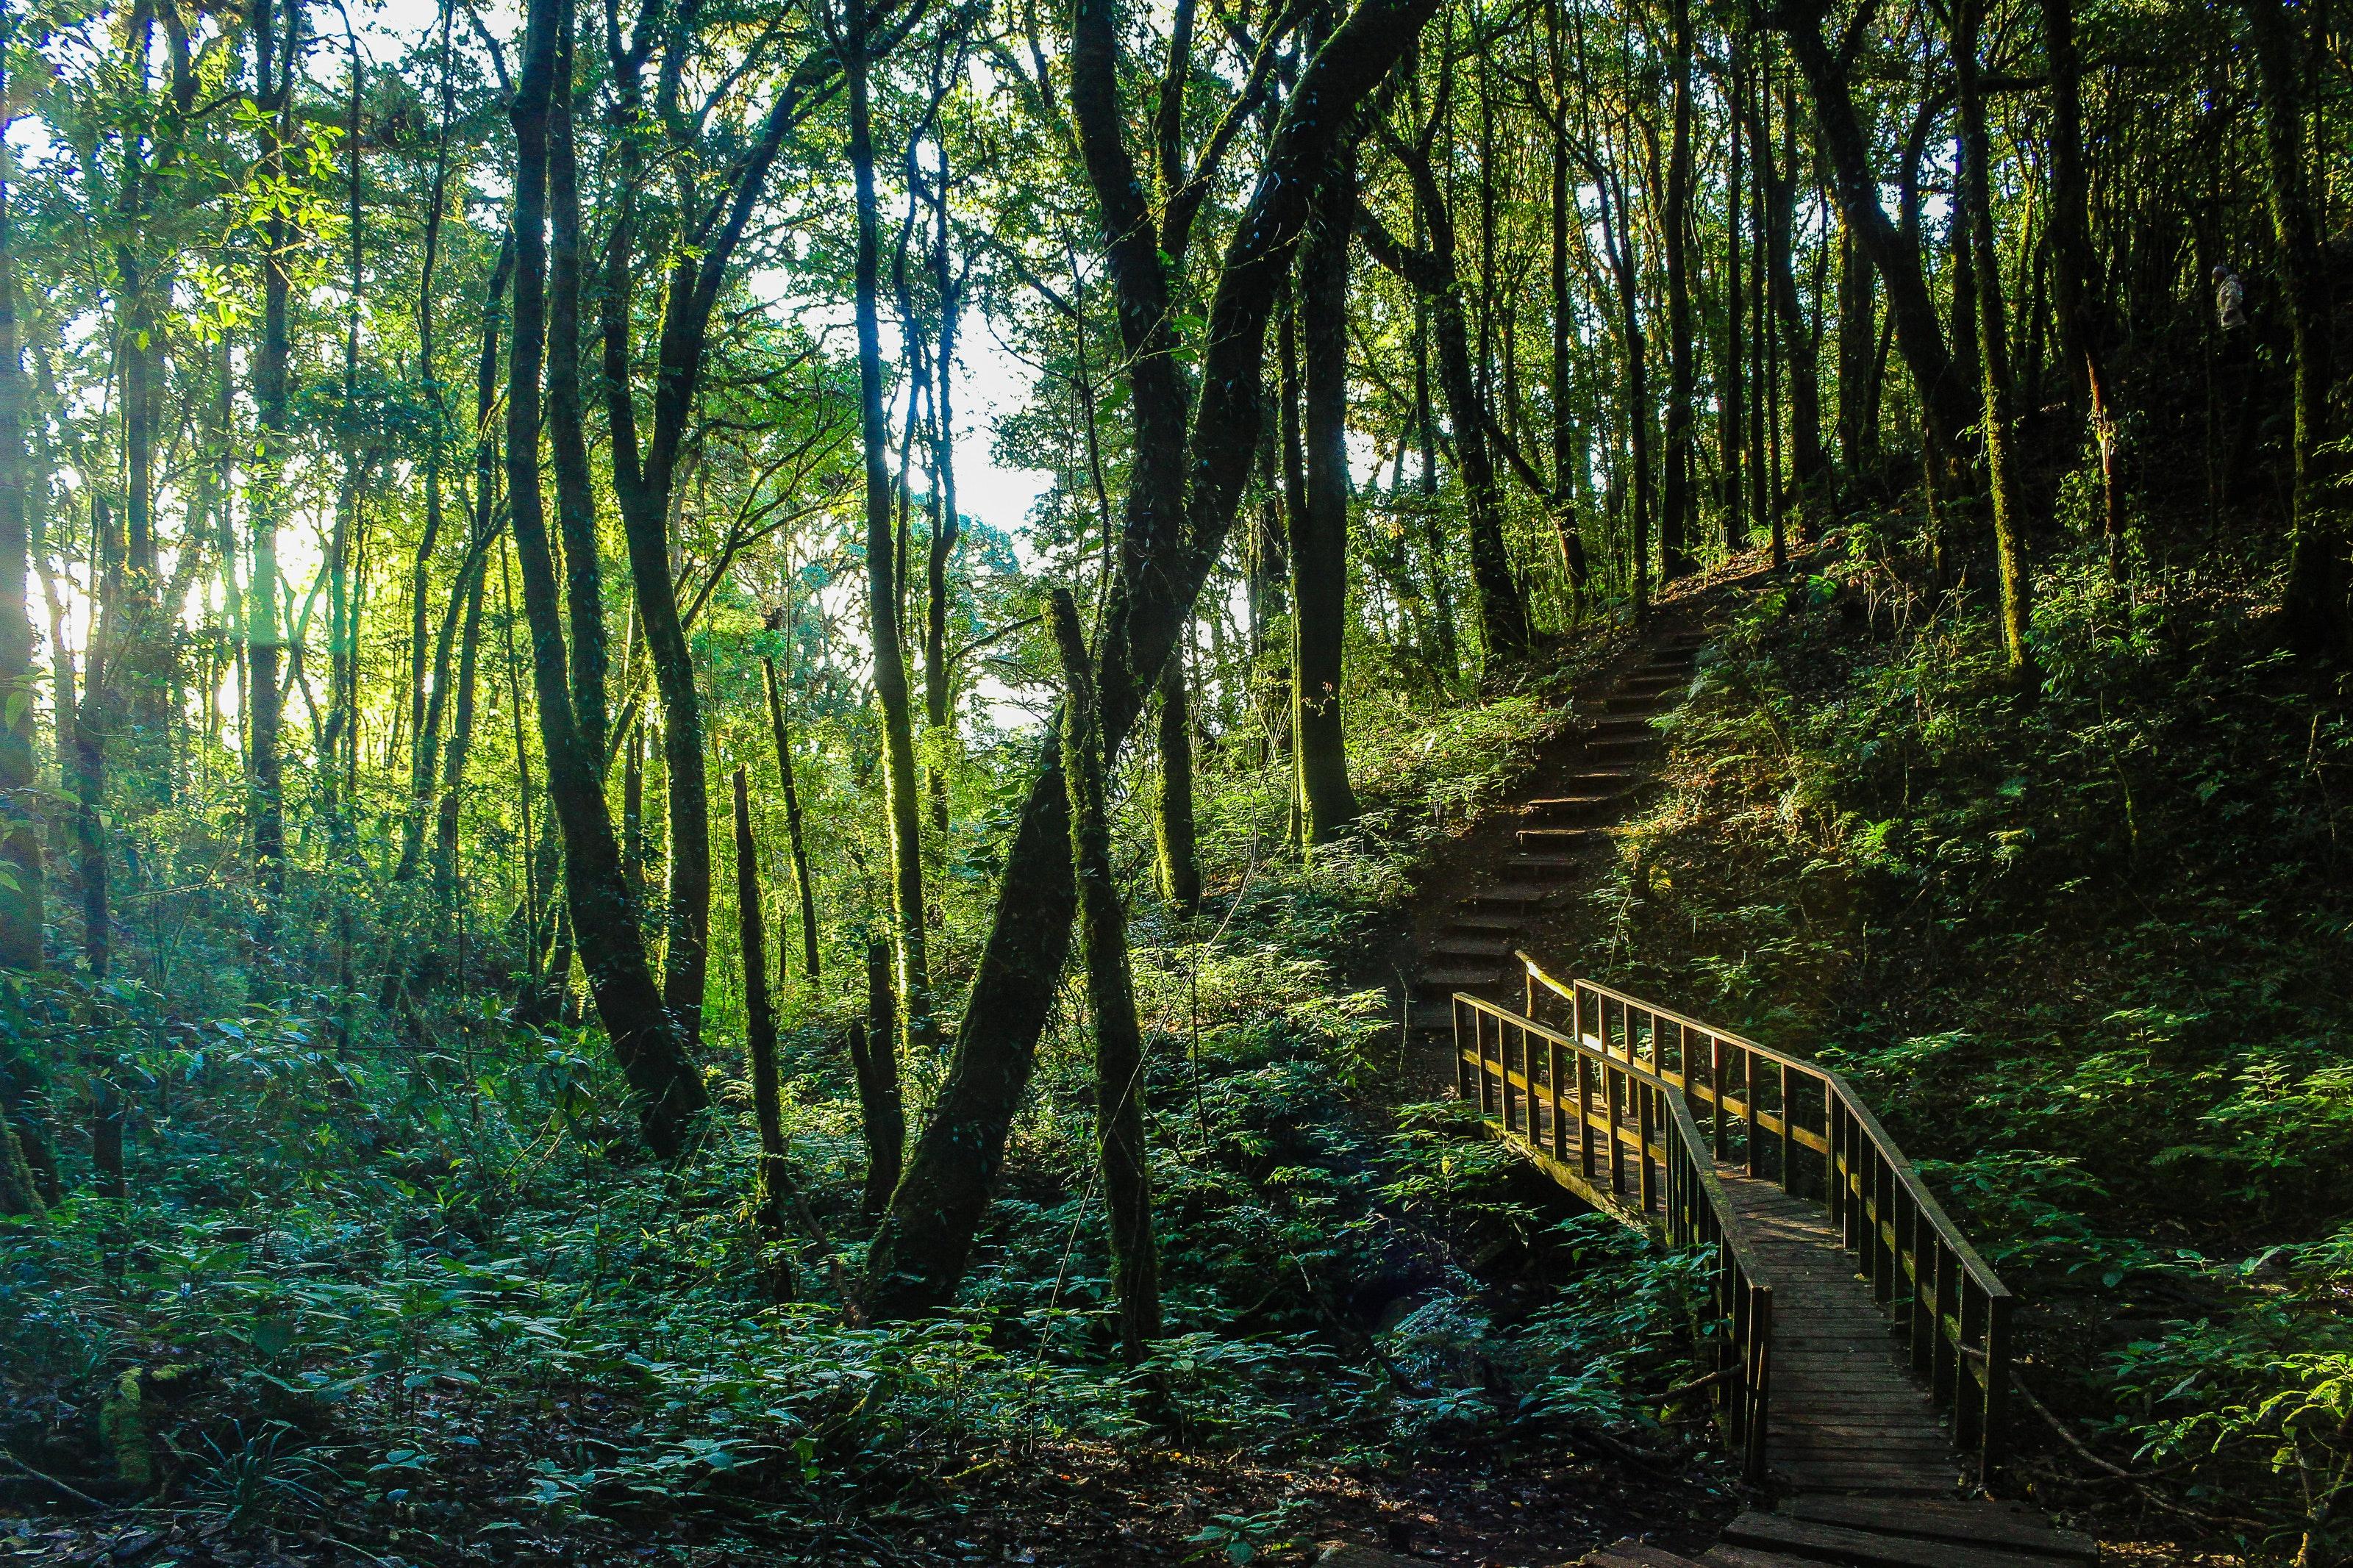 Brown stair between trees photo